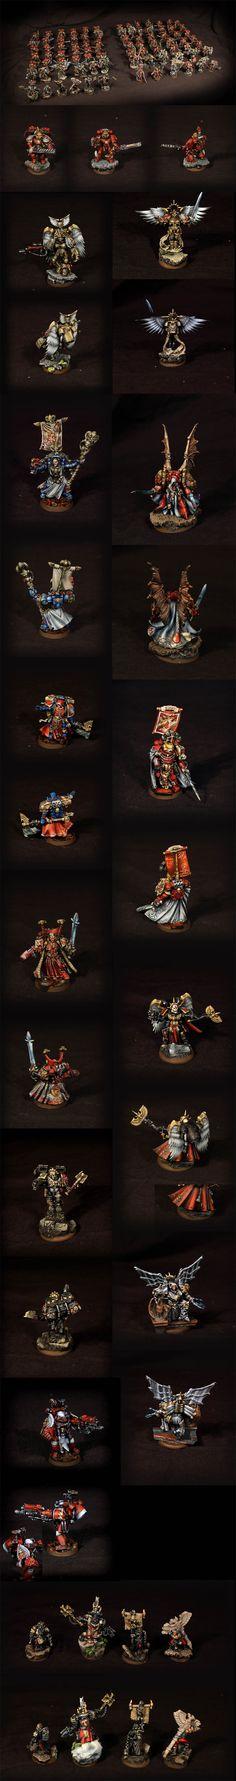 40k - Blood Angels Army by Gruumsh